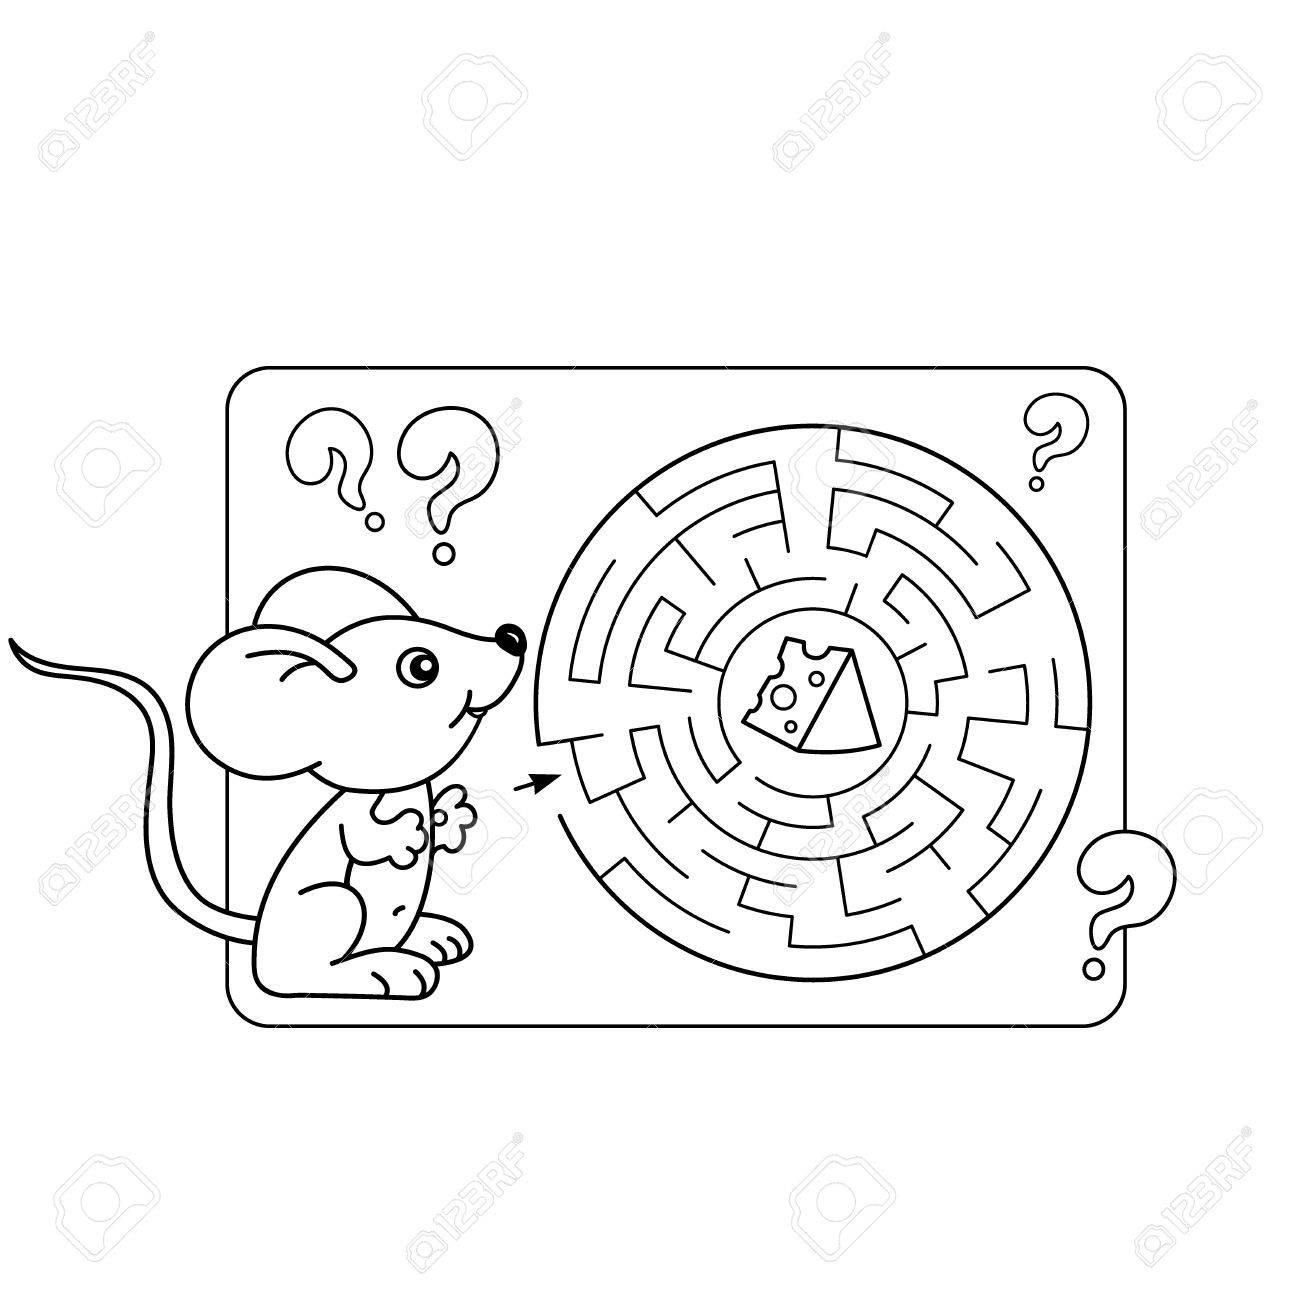 Vettoriale Vector Cartoon Illustrazione Di Educazione Labirinto O